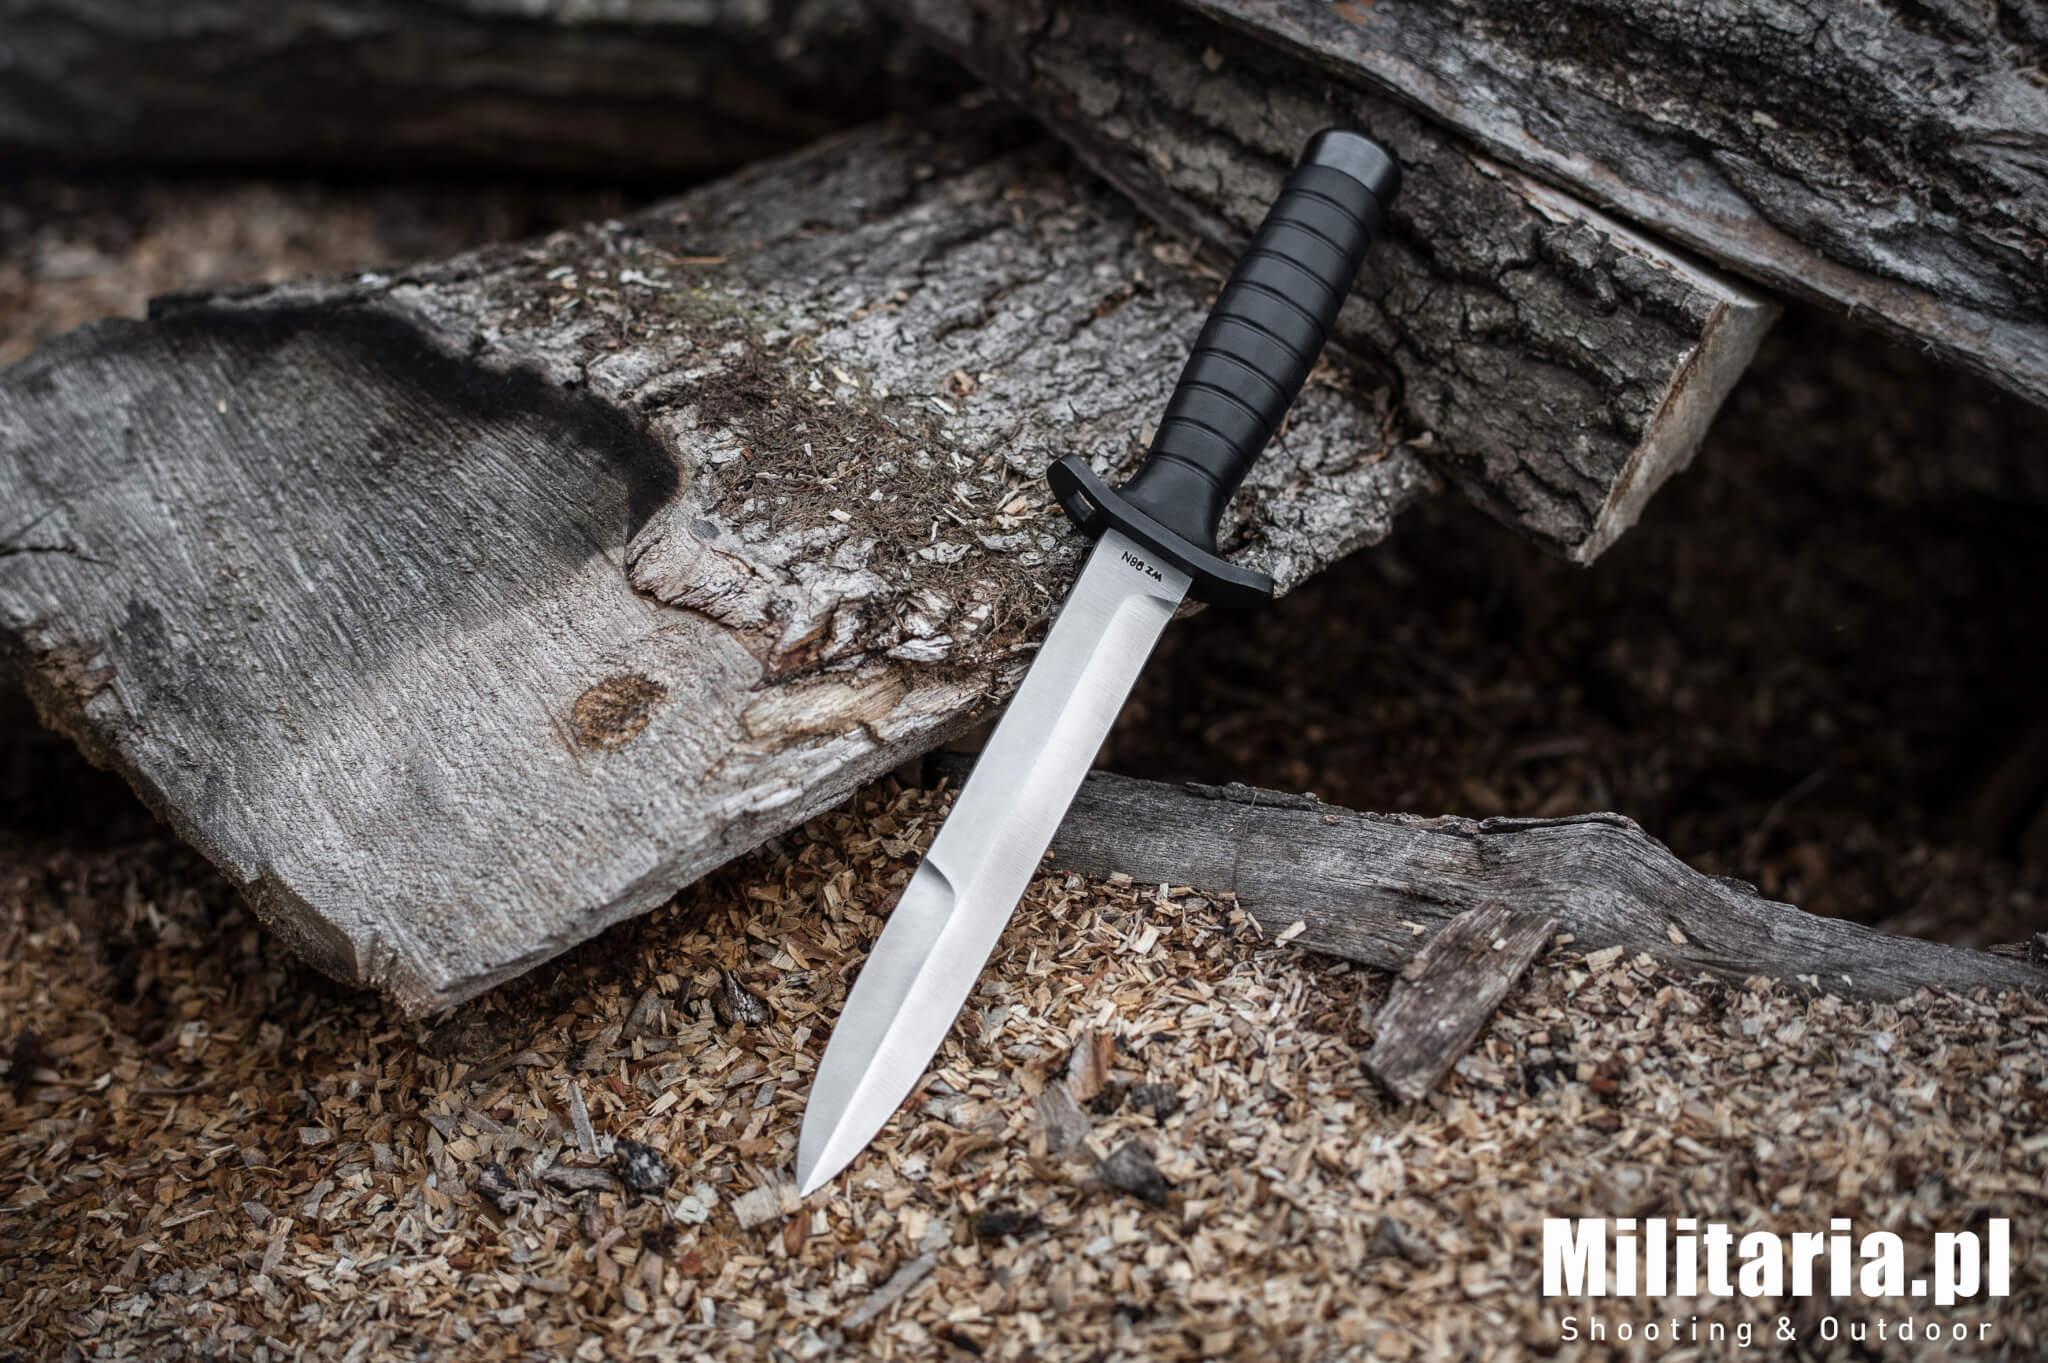 Seria klasyczne noże – Polski nóż wojskowy wz. 98